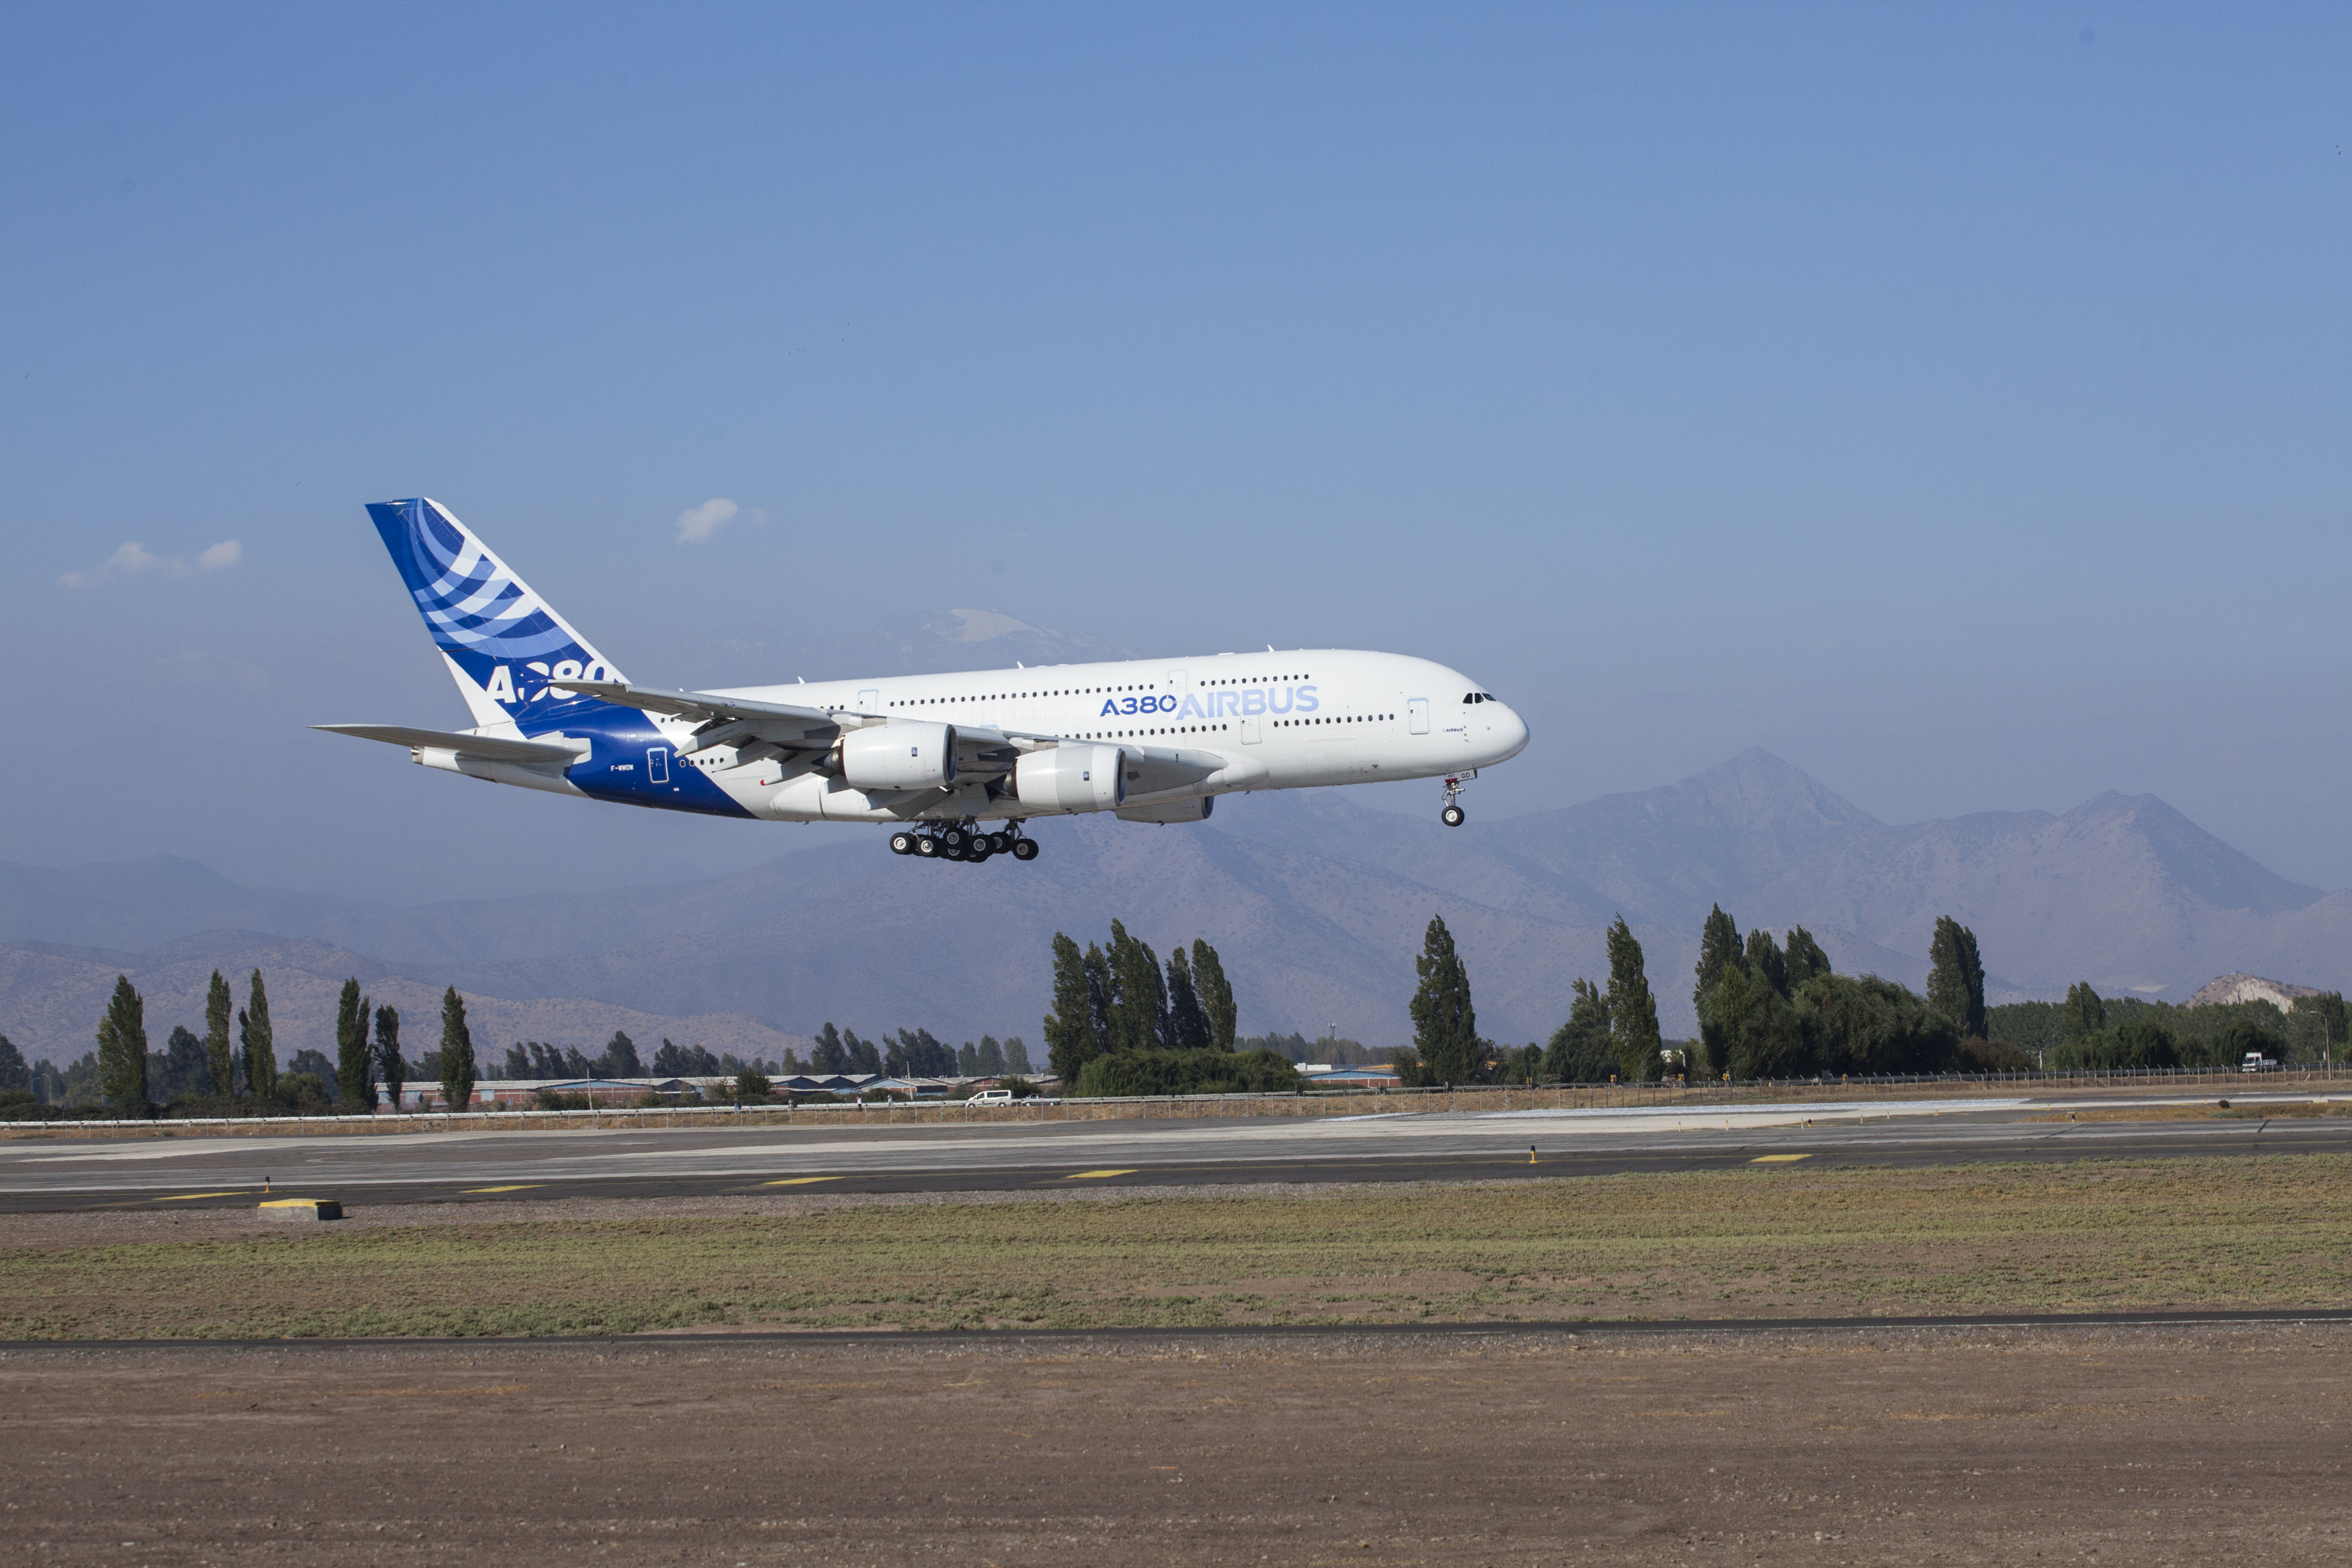 Airbus completó el ensamblaje del último A380